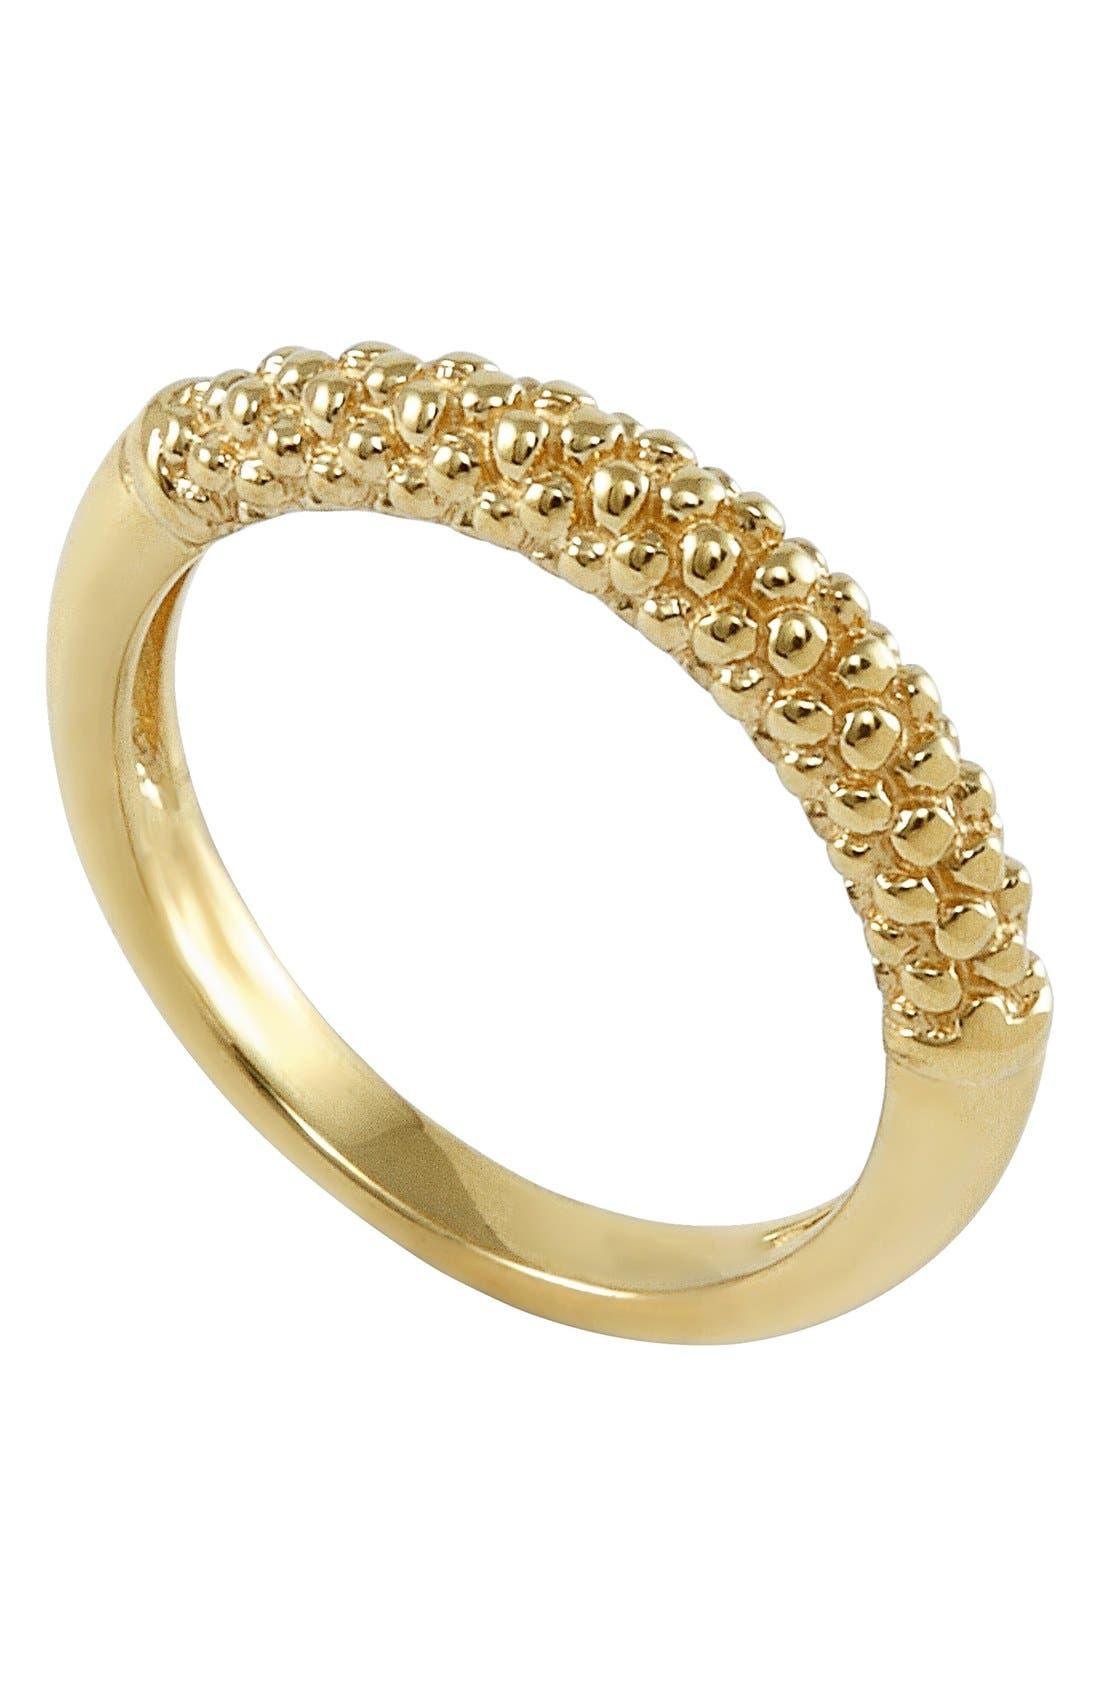 Main Image - LAGOS Caviar Band Ring